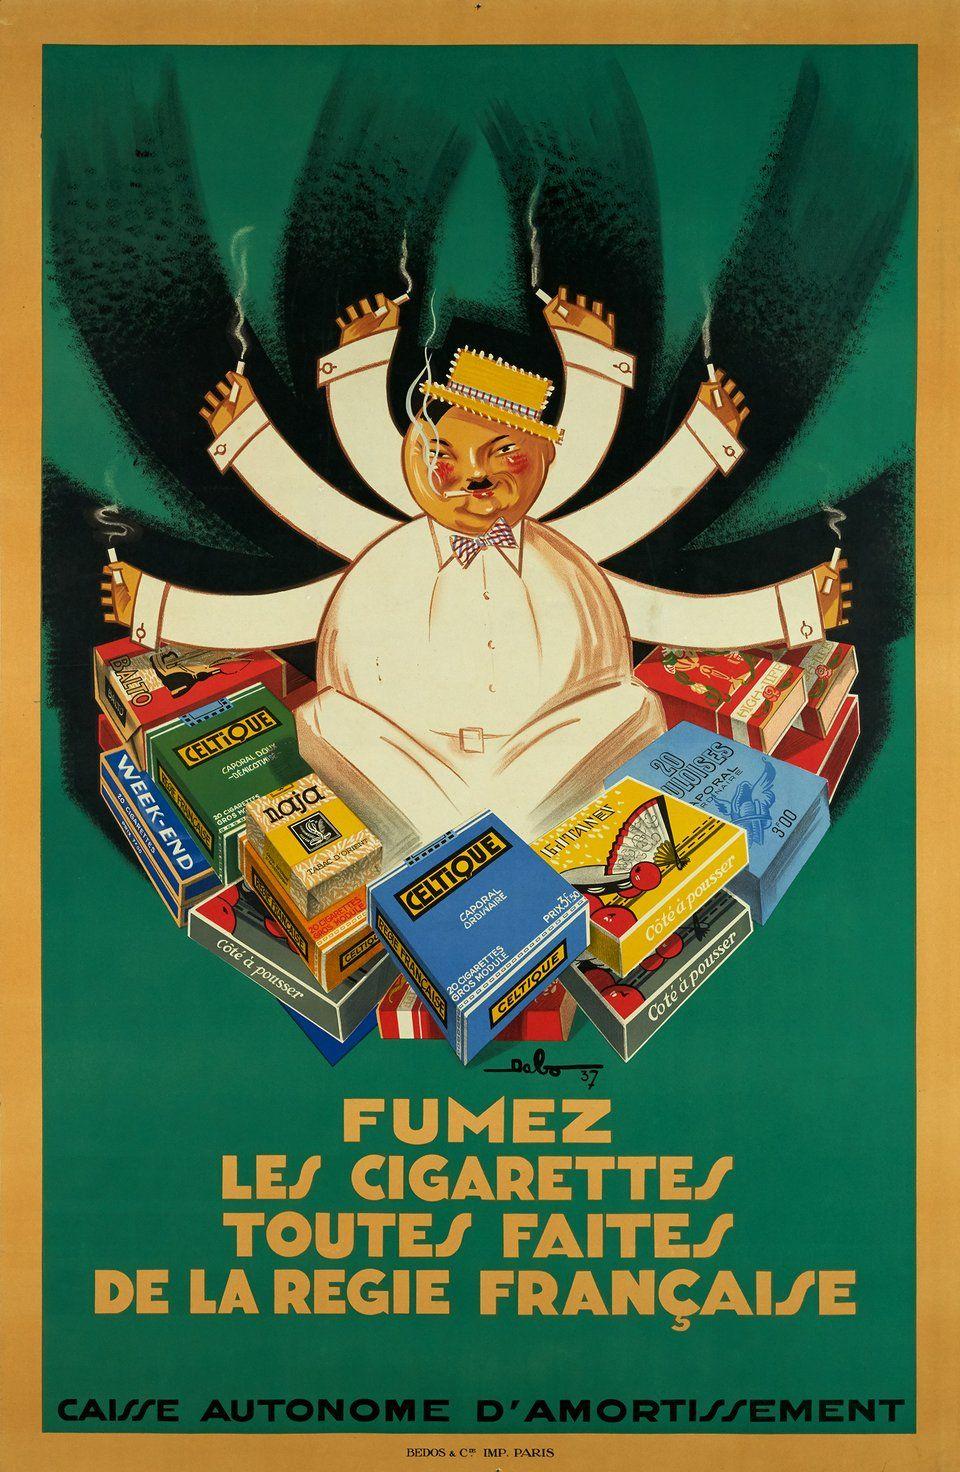 Fumez Les Cigarettes Toutes Faites De Regie Francaise DABO 1937